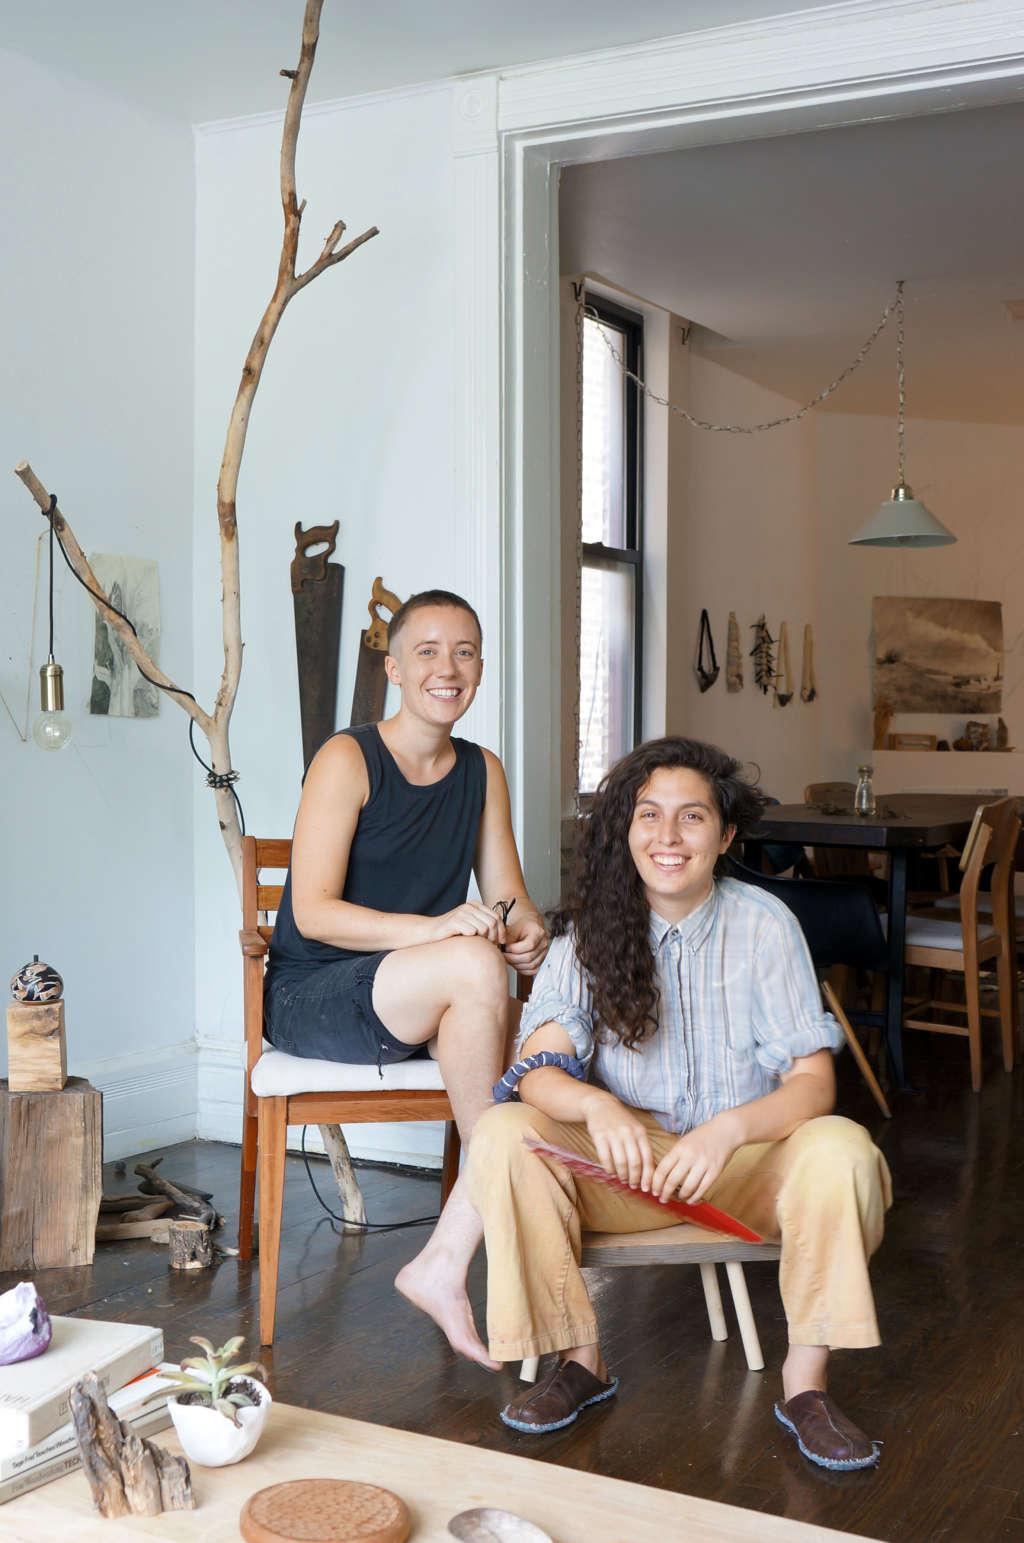 A Natural, Serene Chicago Home & Workshop